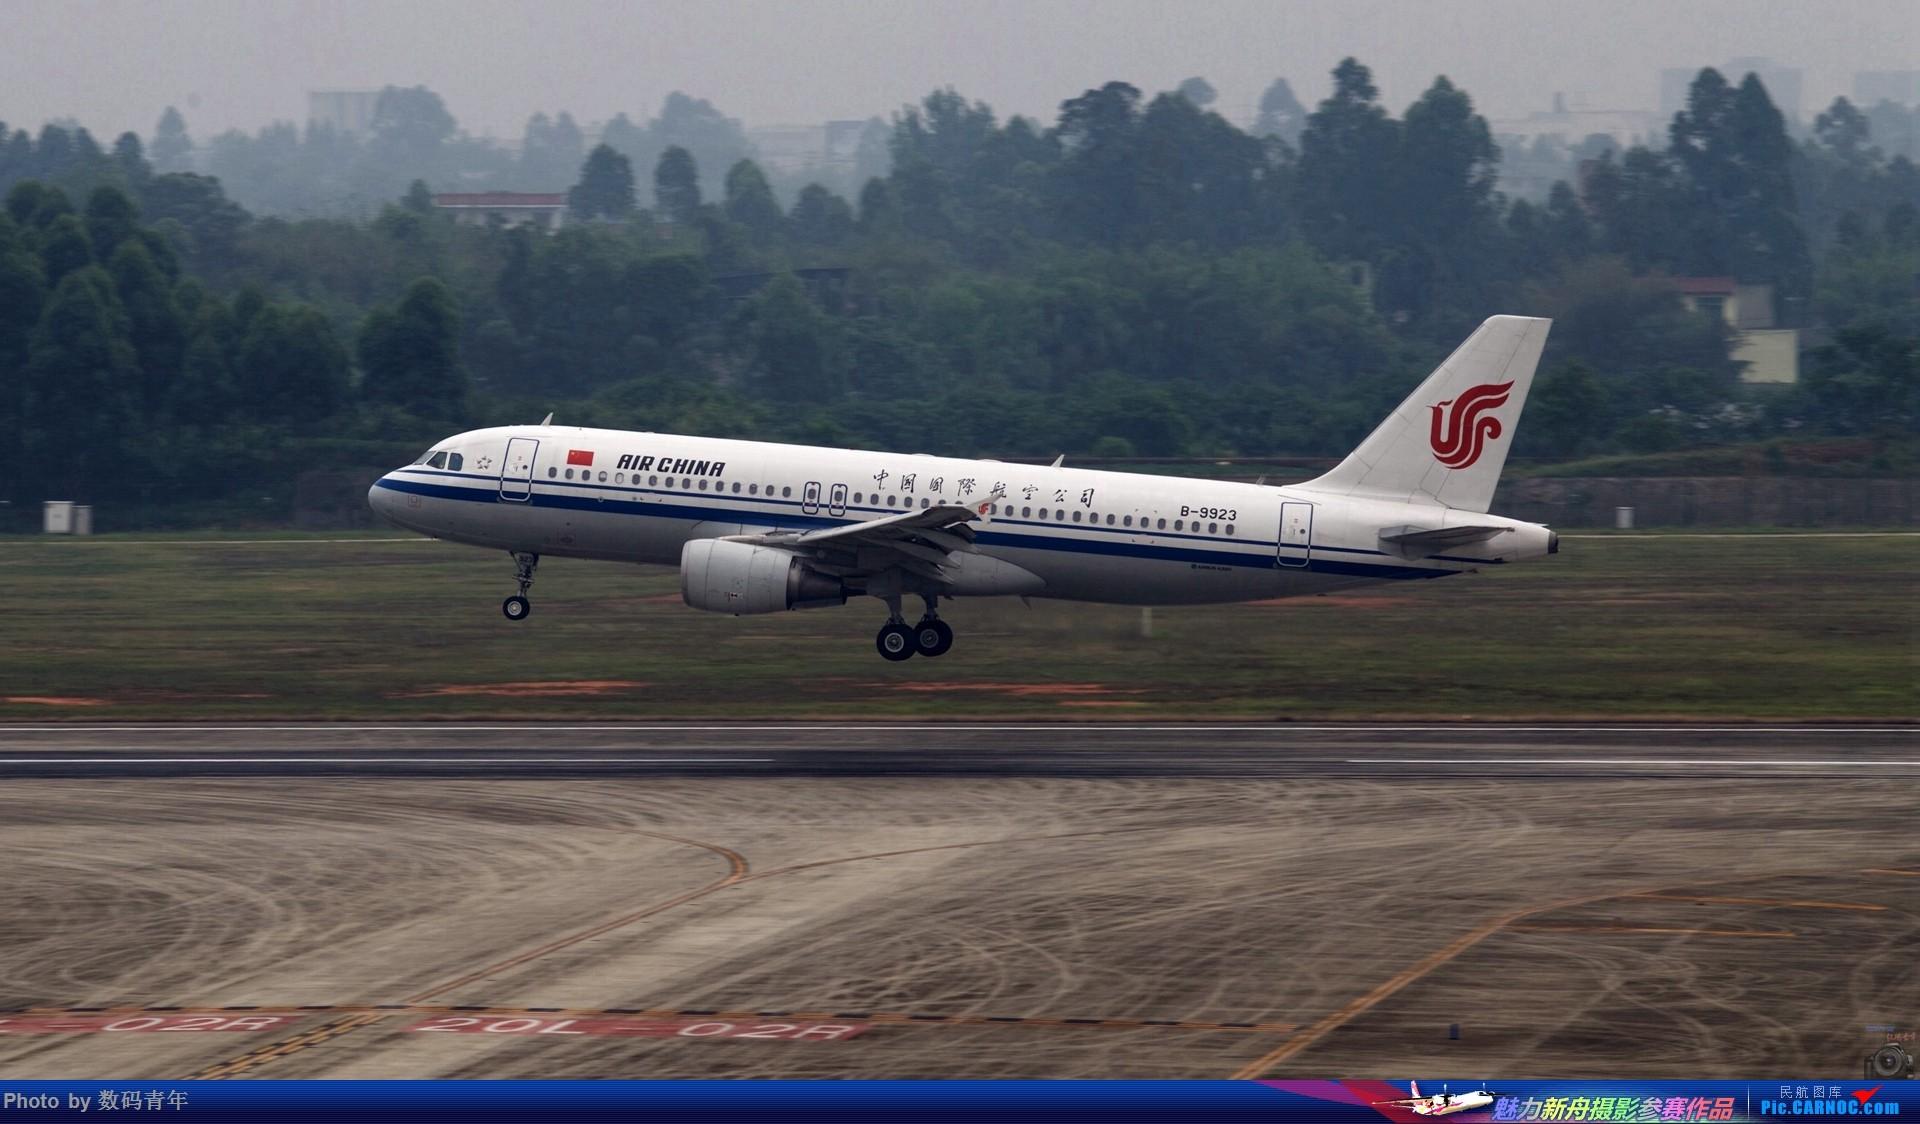 Re:[原创]重出江湖【CTU】2015.5.17打飞机 AIRBUS A320-200 B-9923 中国成都双流国际机场